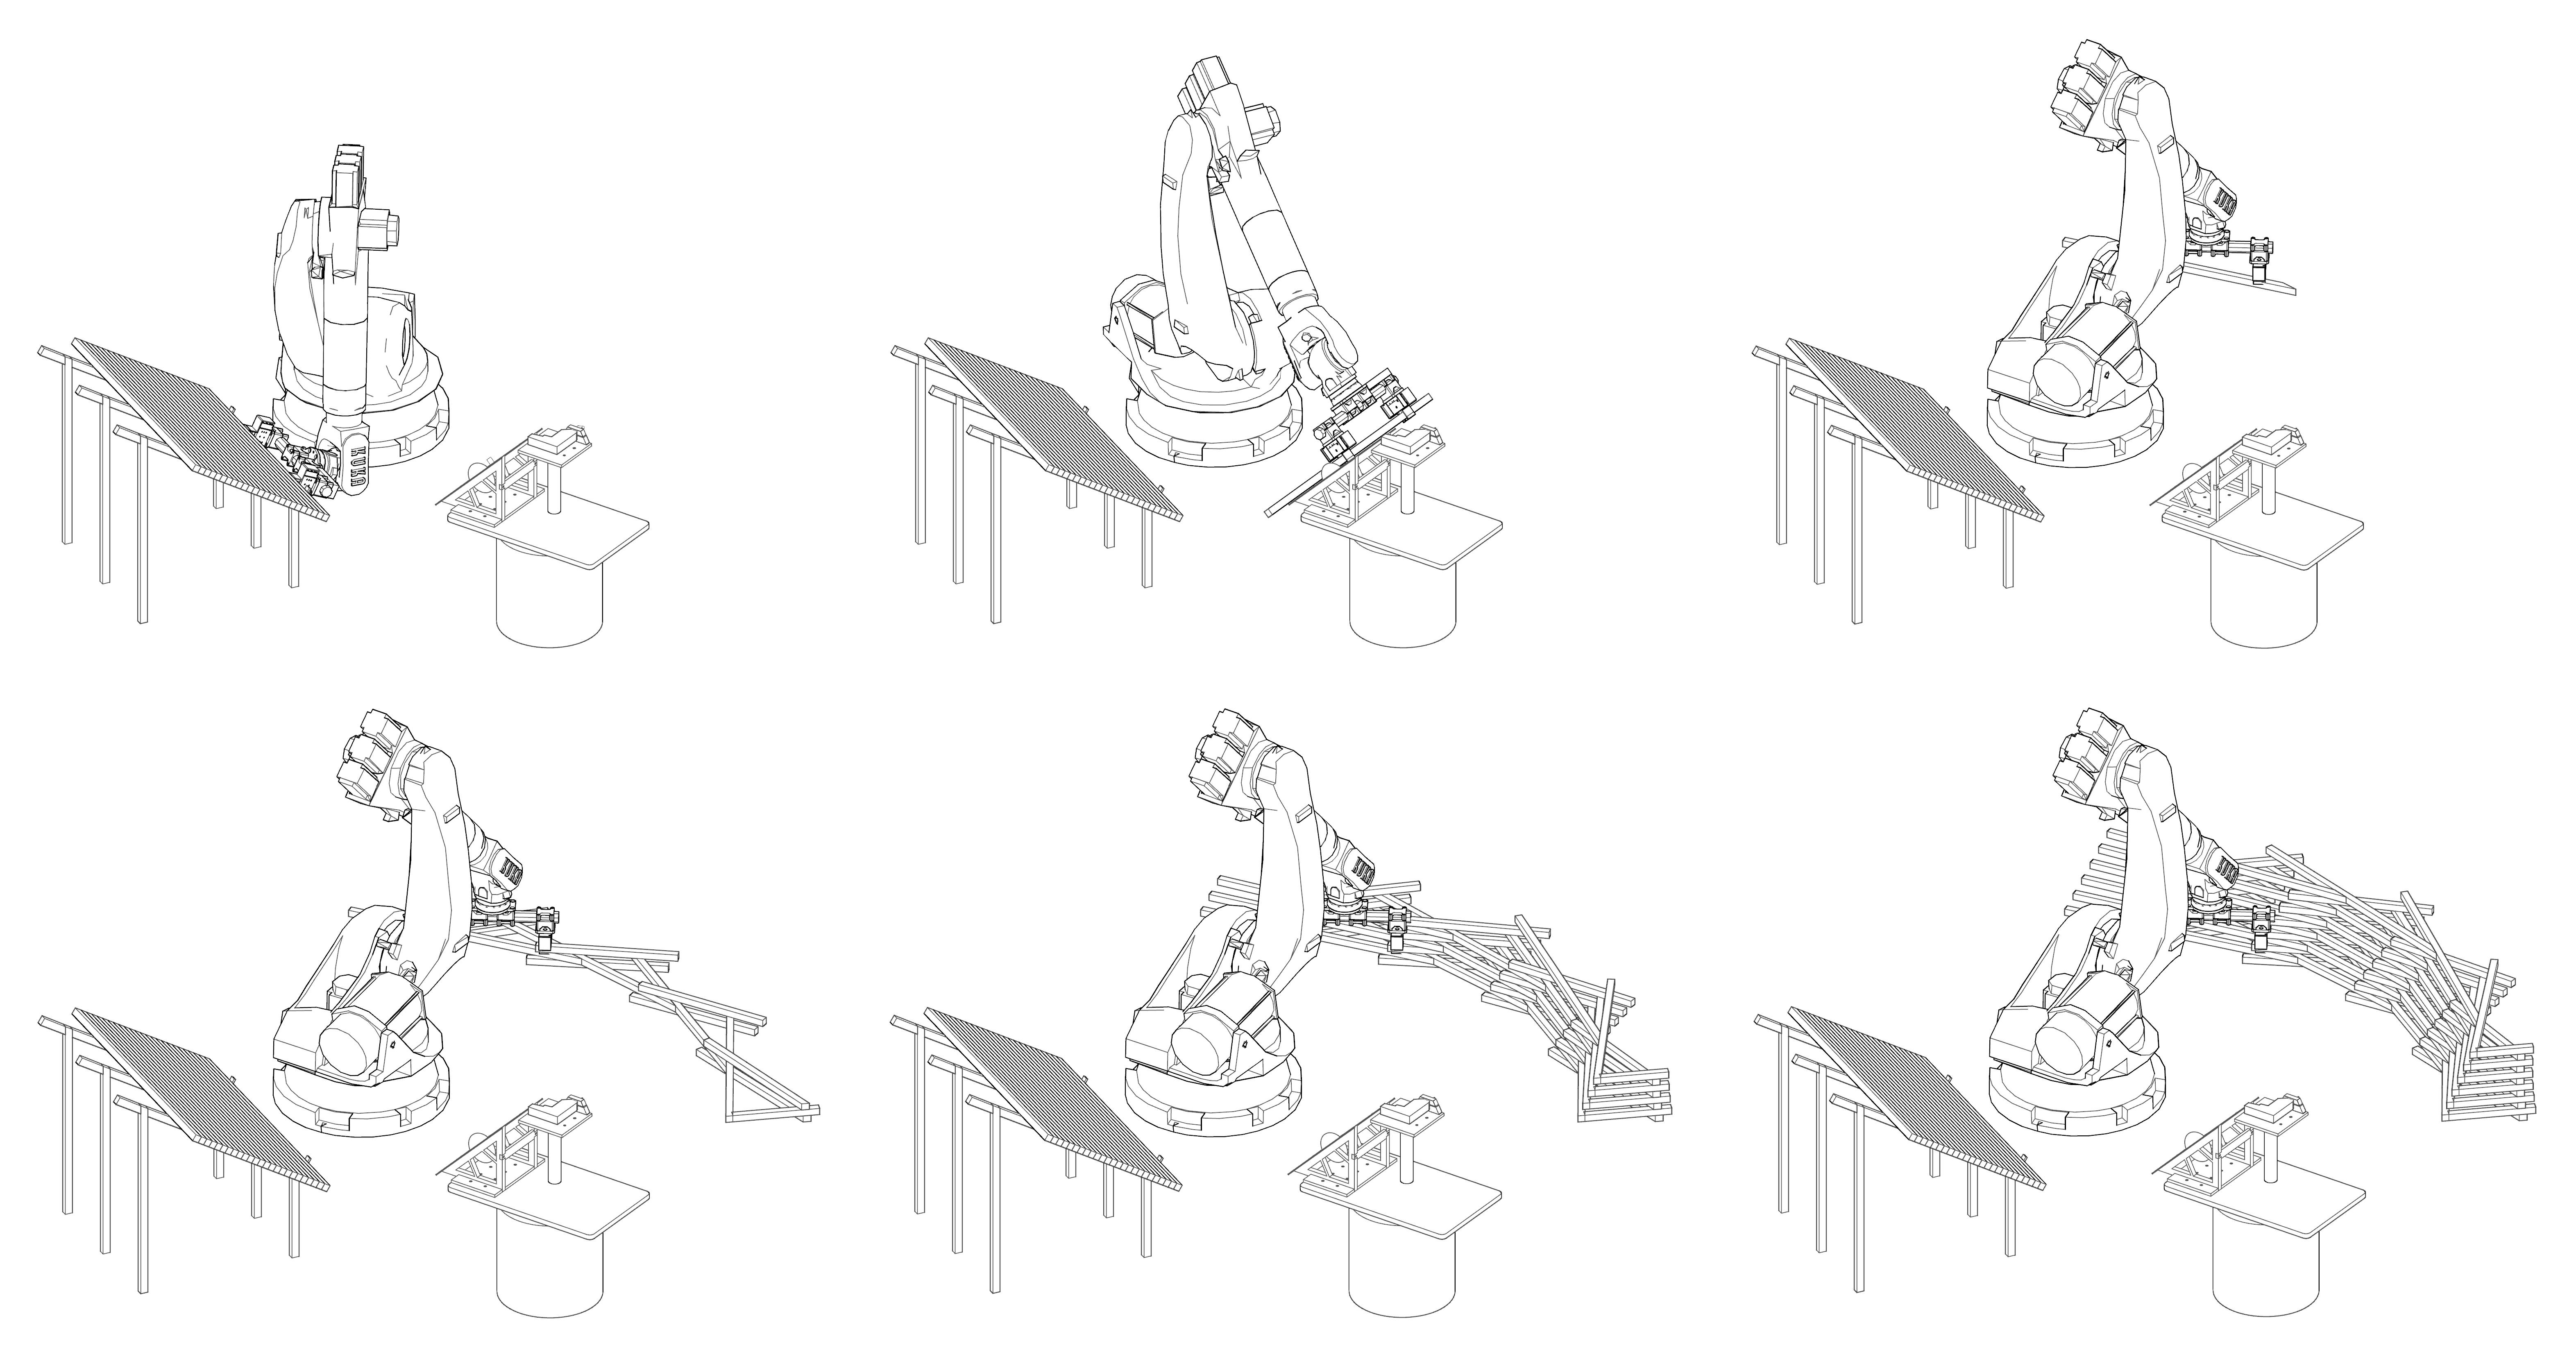 Robotic Arm - Fusta Robòtica